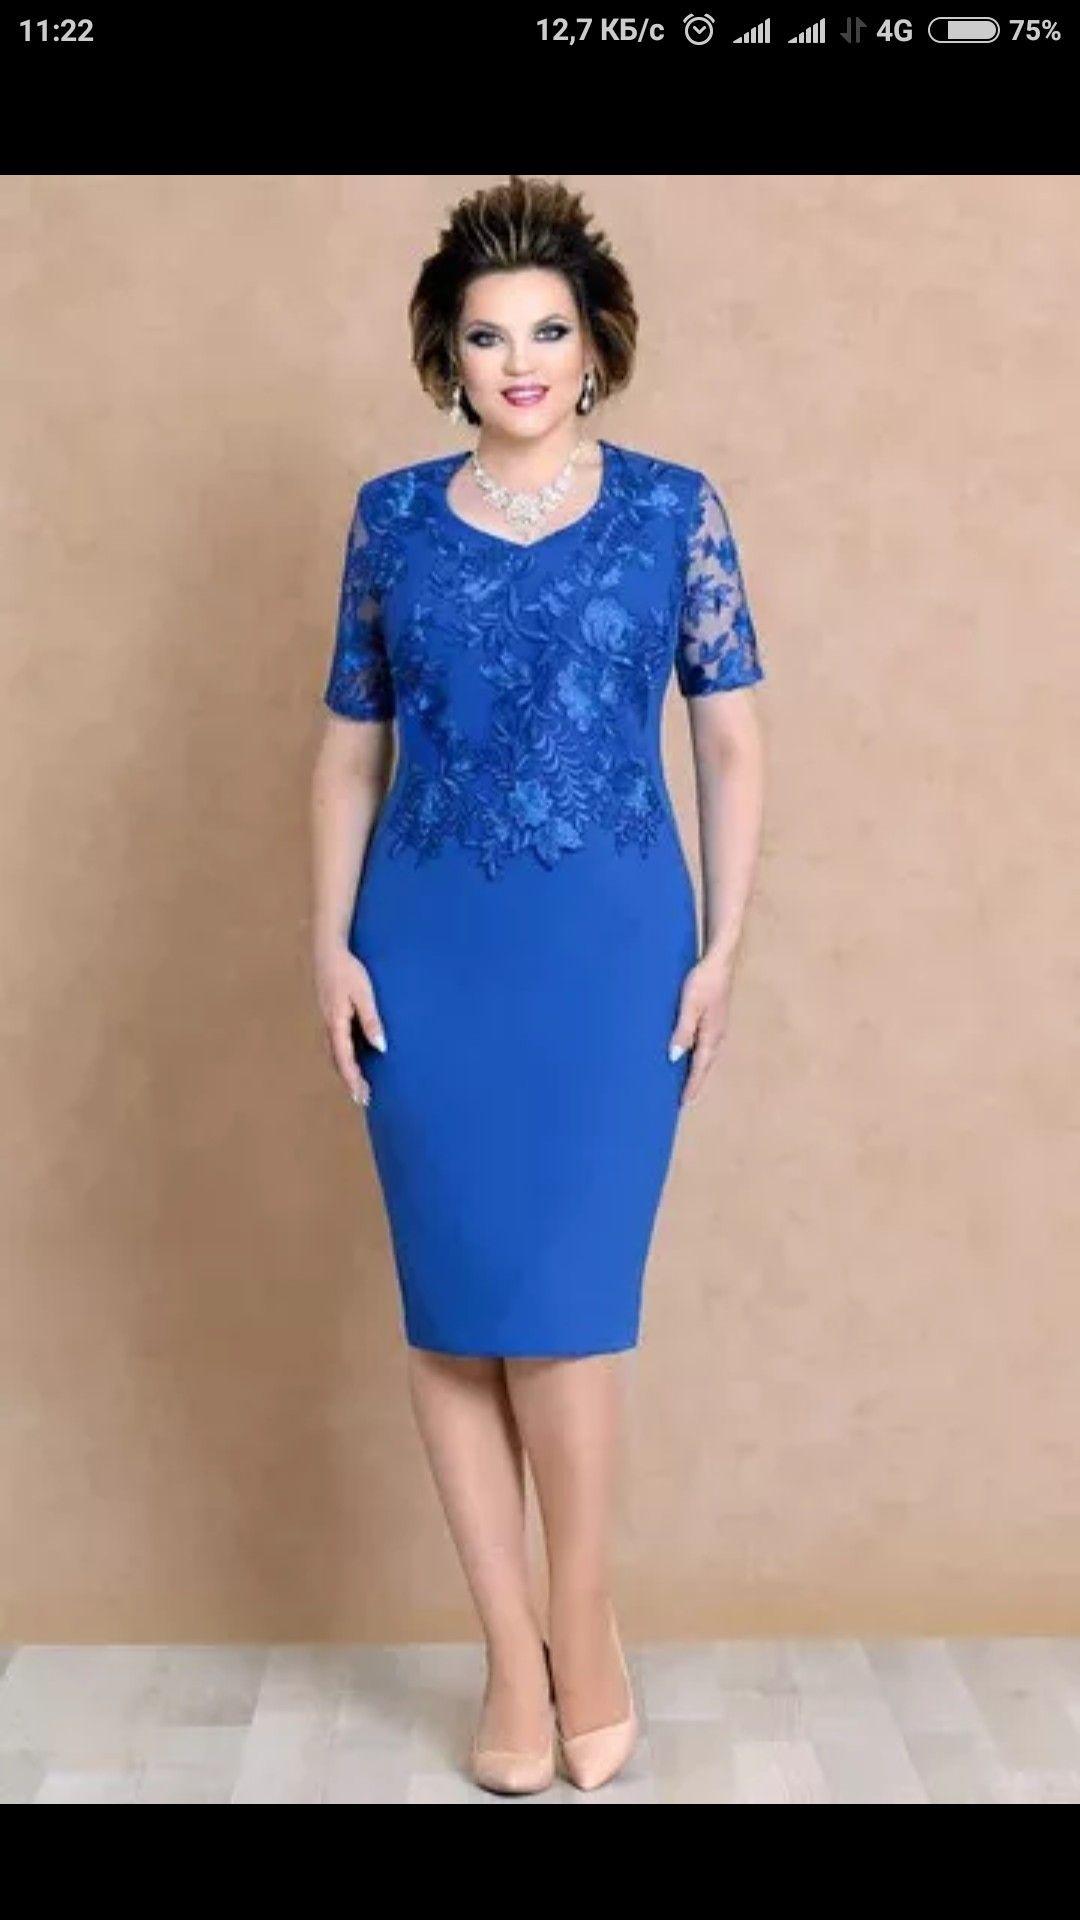 Vestido de cerimónia azul acinturado, com detalhes de flores